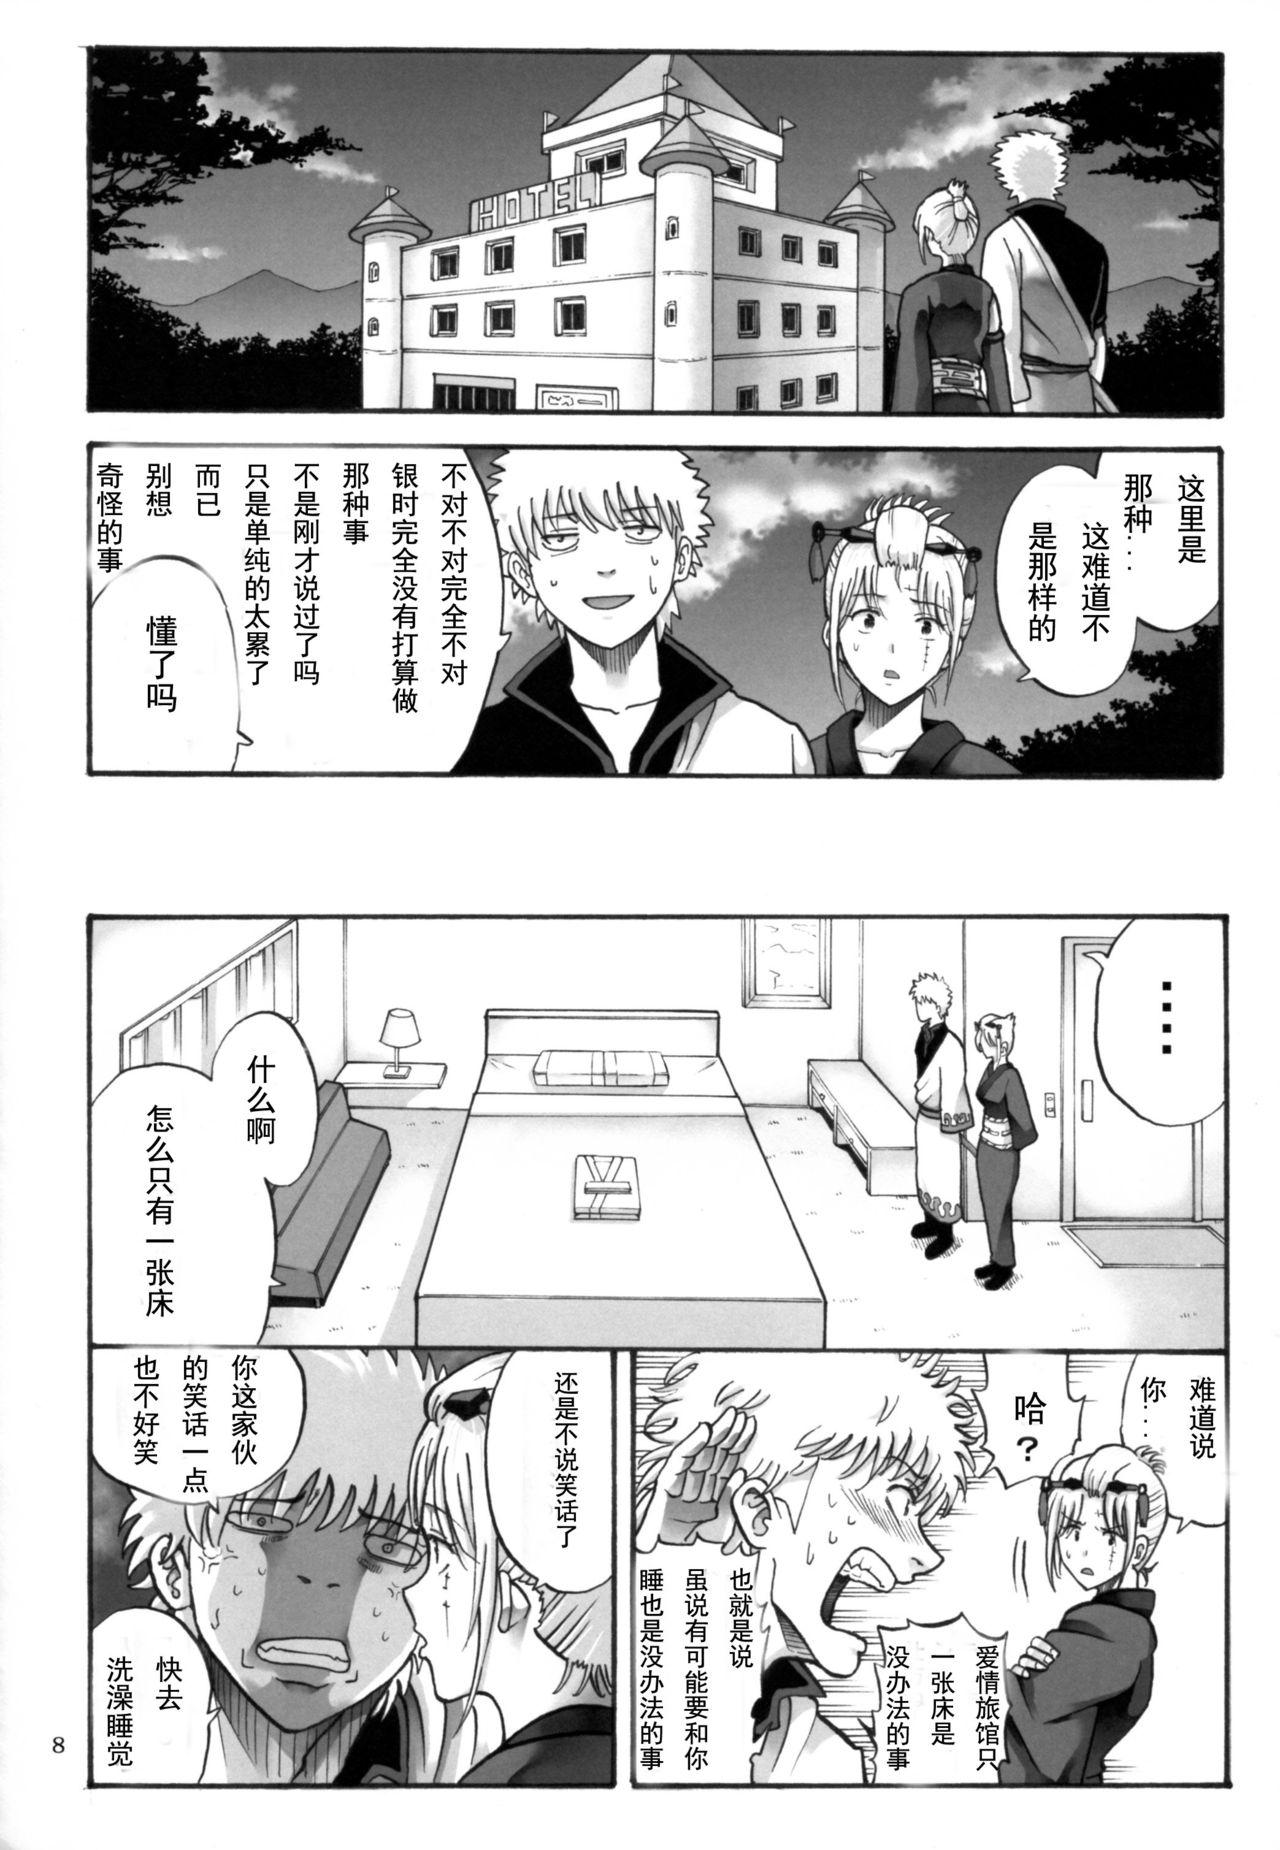 Tsukuyo-san ga Iyarashii Koto o Sarete Shimau Hanashi 5 8